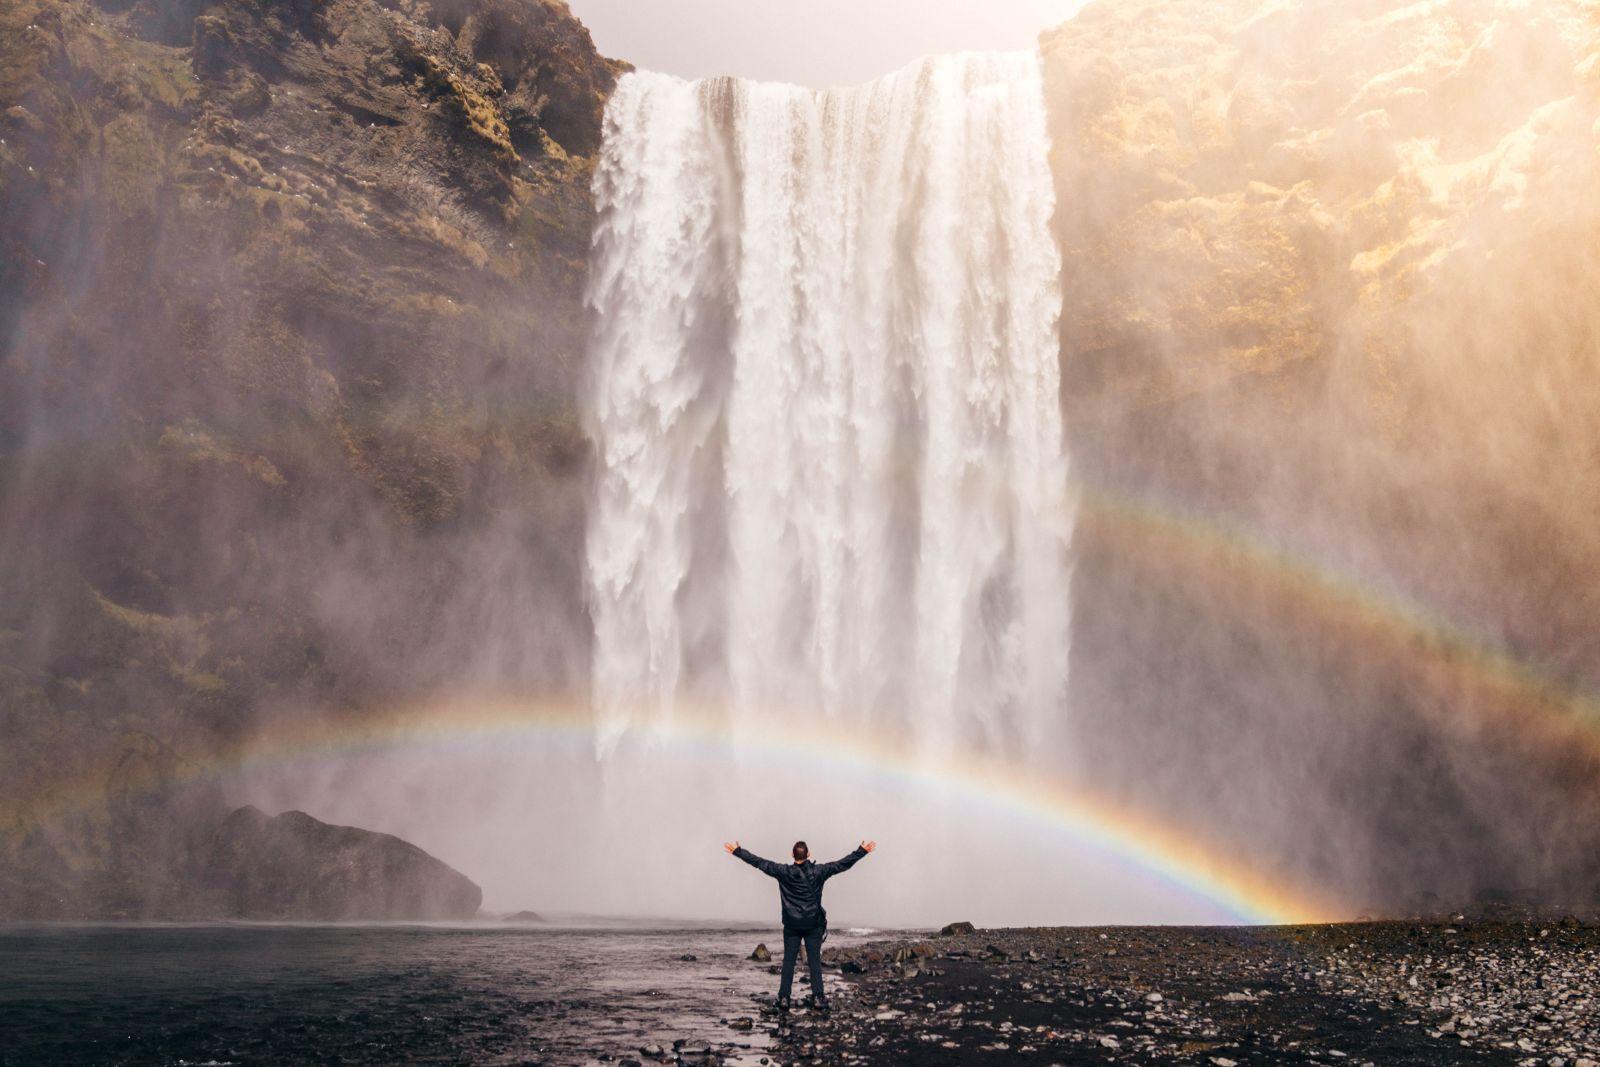 Mann steht mit offenen Armen vor einem Wasserfall in Island. Zwischen ihm und dem Wasserfall ist ein Regenbogen zu sehen.